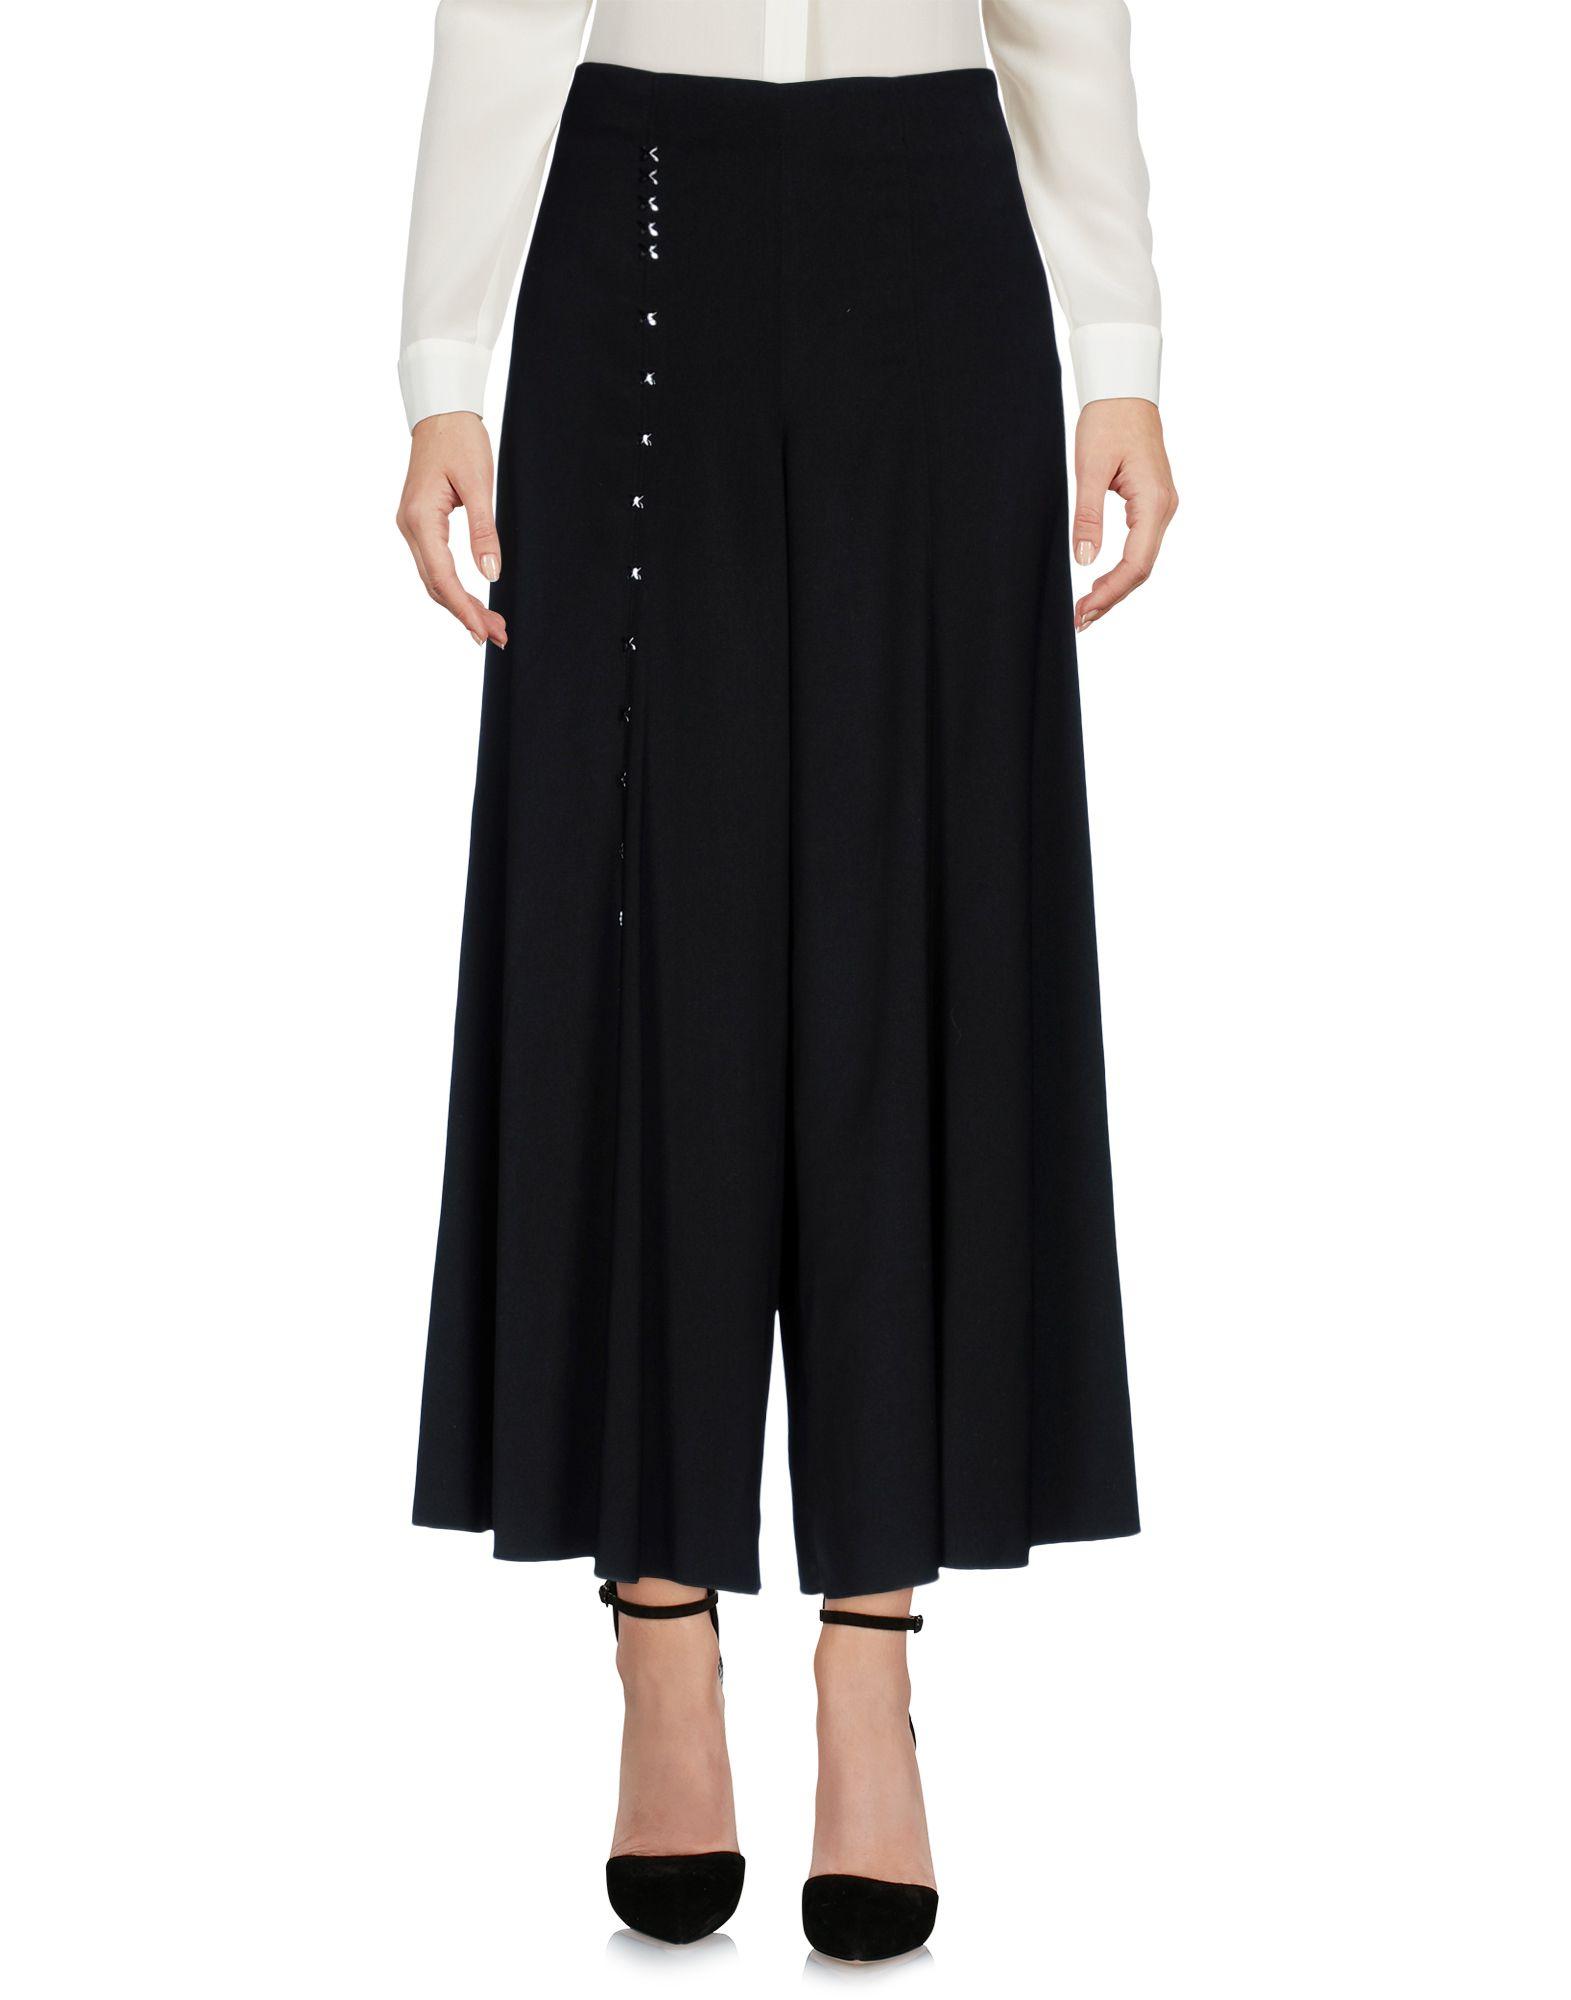 Pantalone Flive Donna - Acquista online su 9jWMuy9